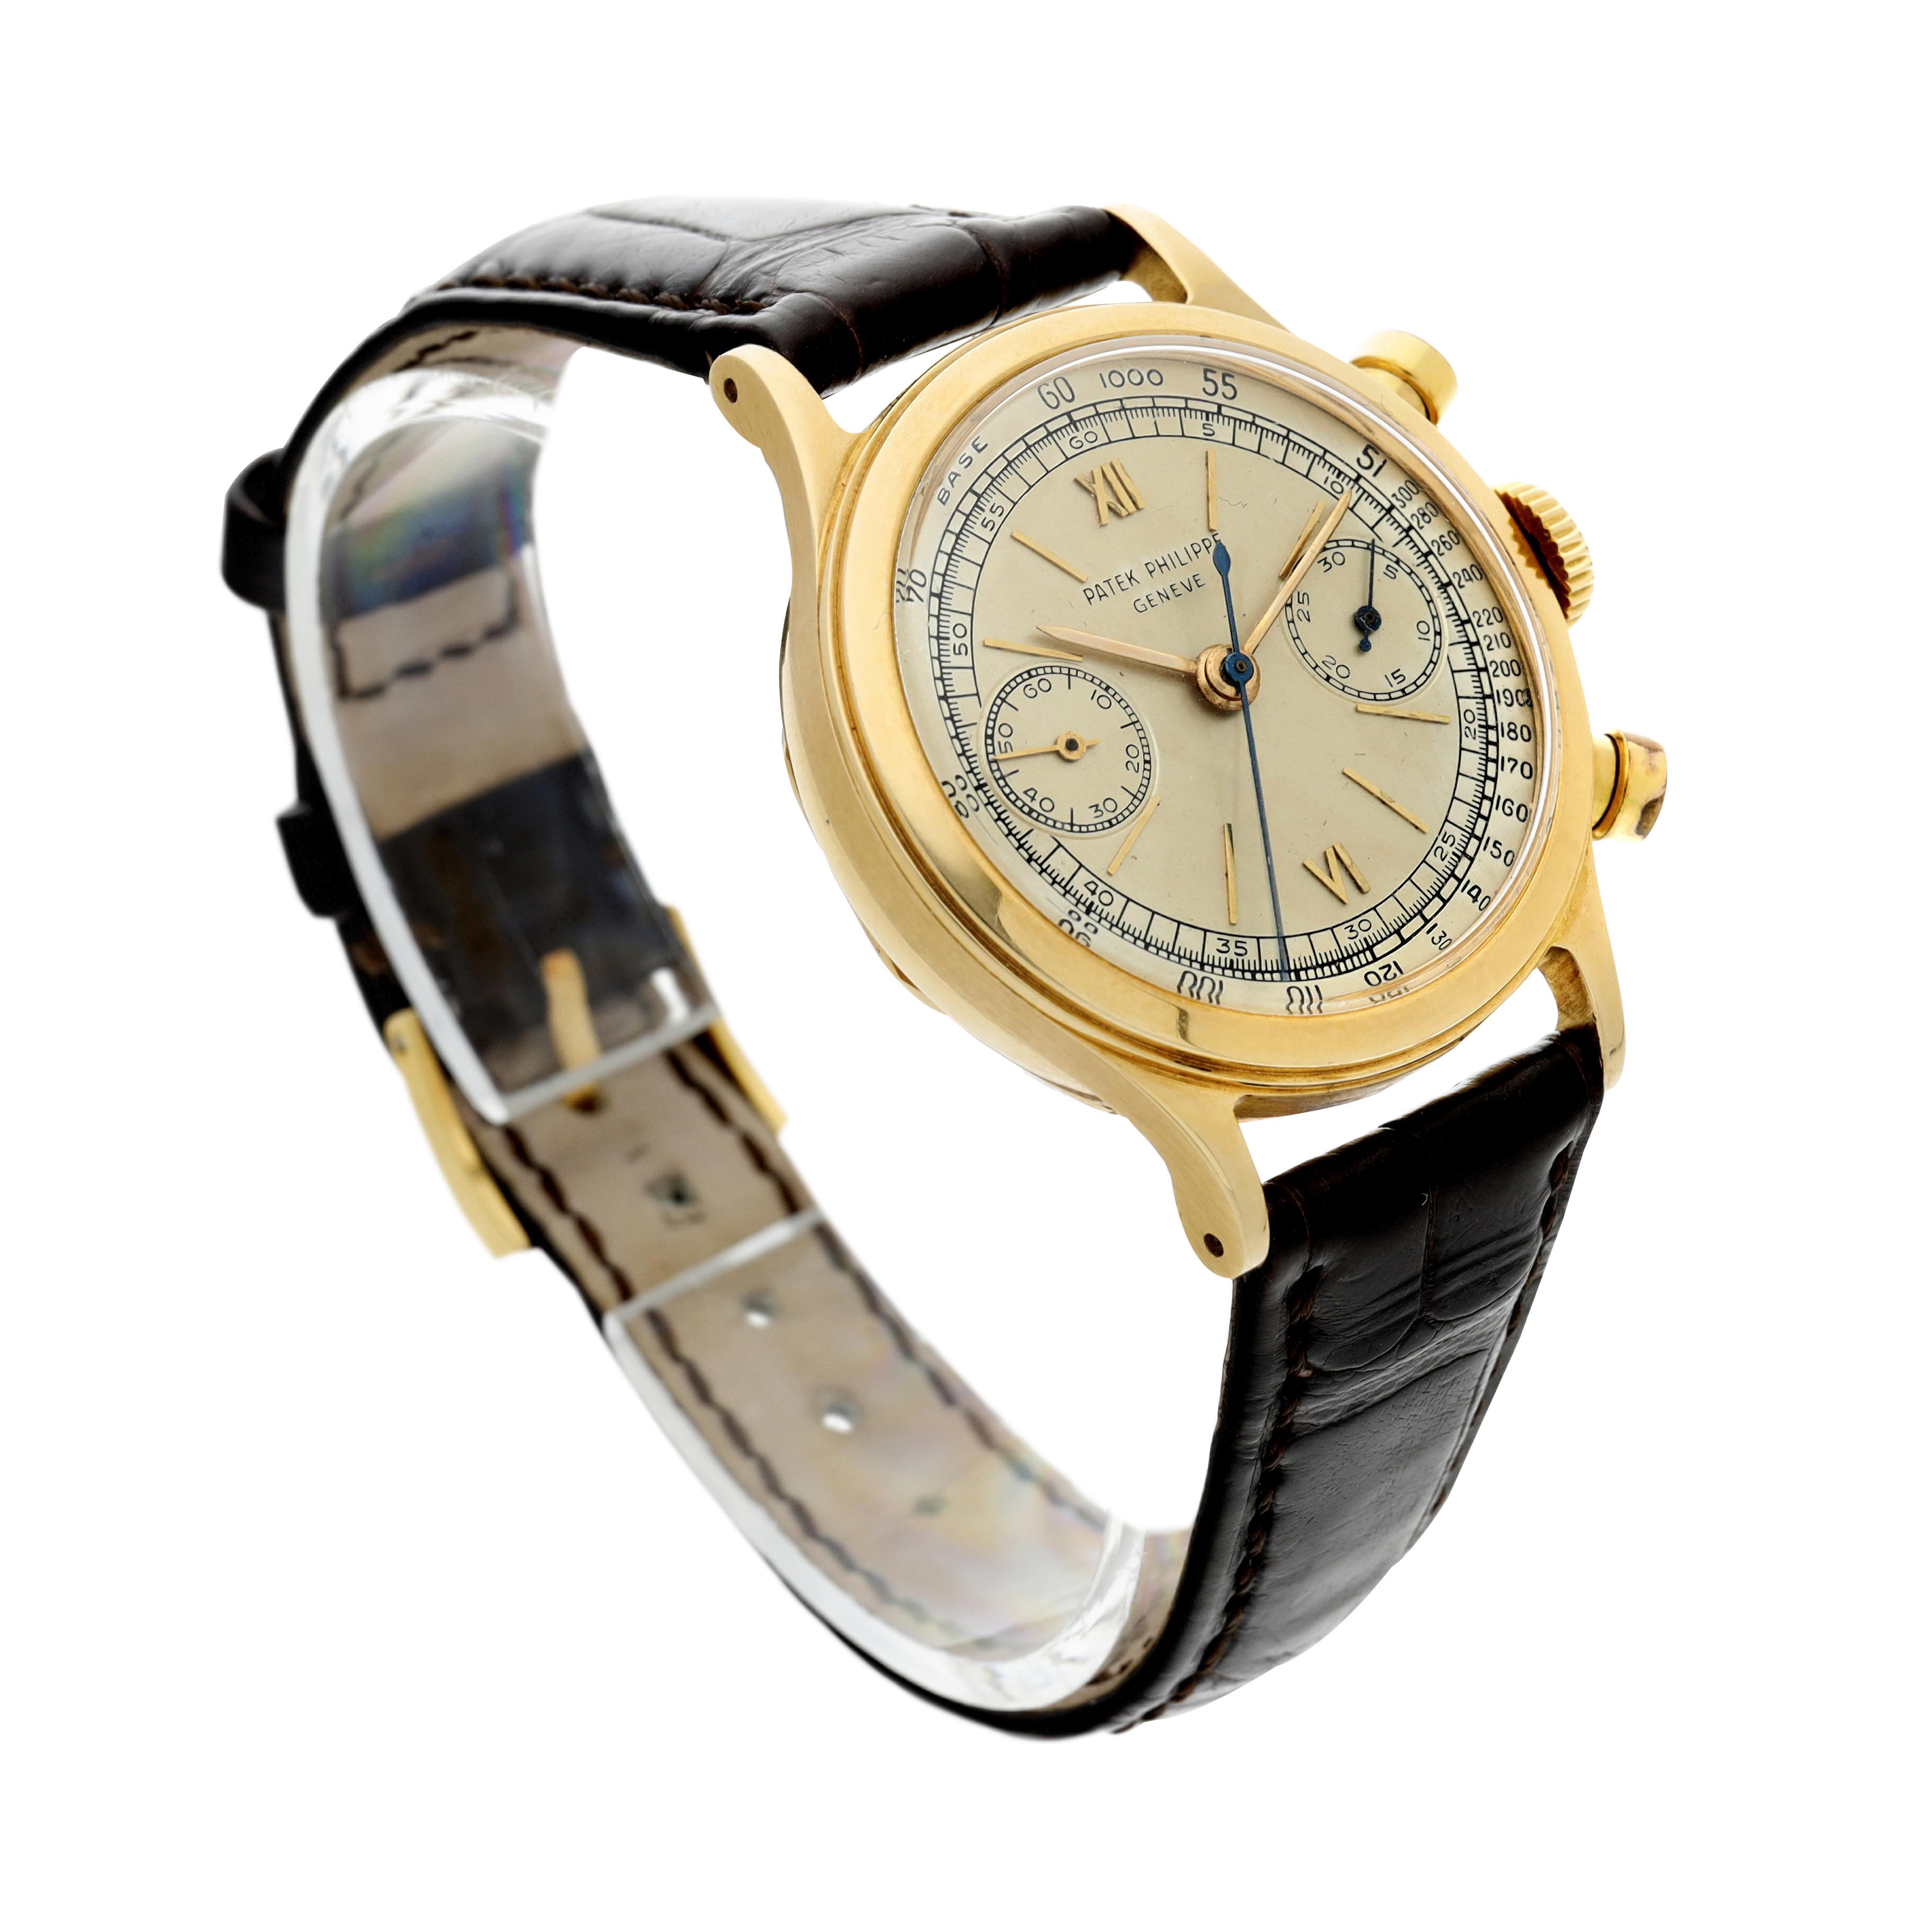 patek-philippe-ref-1463j-yg-chronograph-84b0